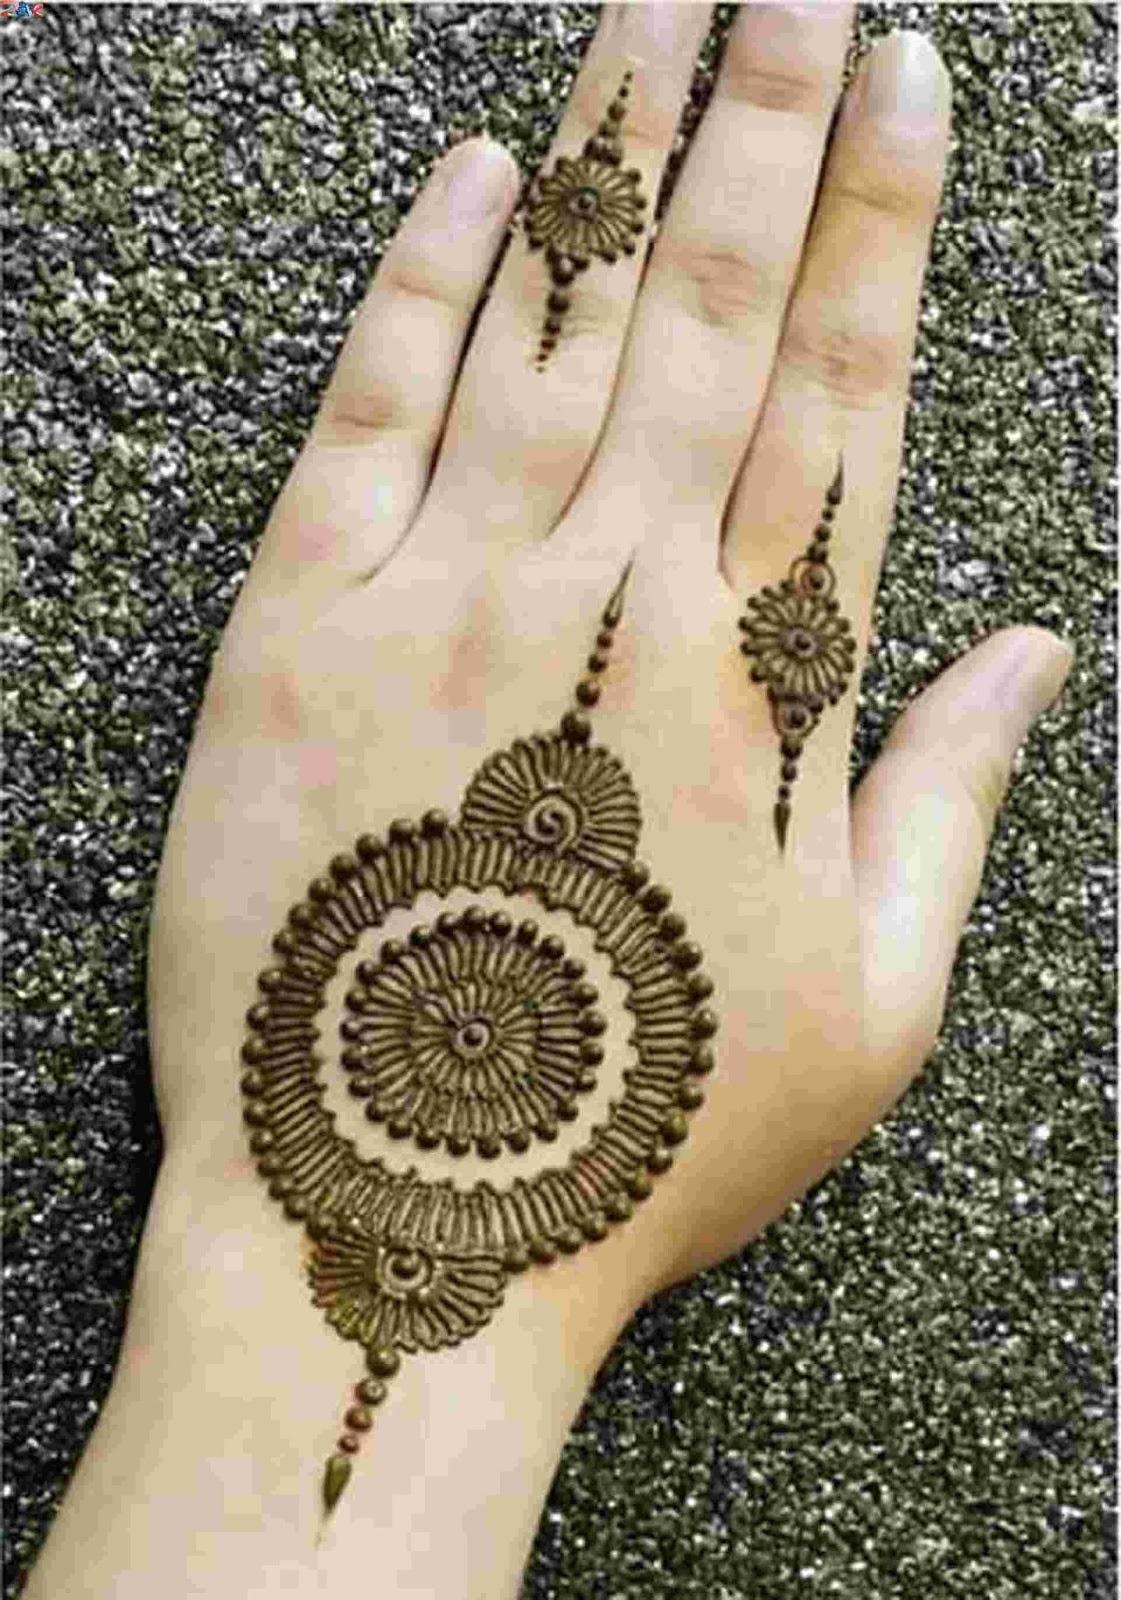 Mehndi design 2017 easy -  Easy Mehndi Flower 2017